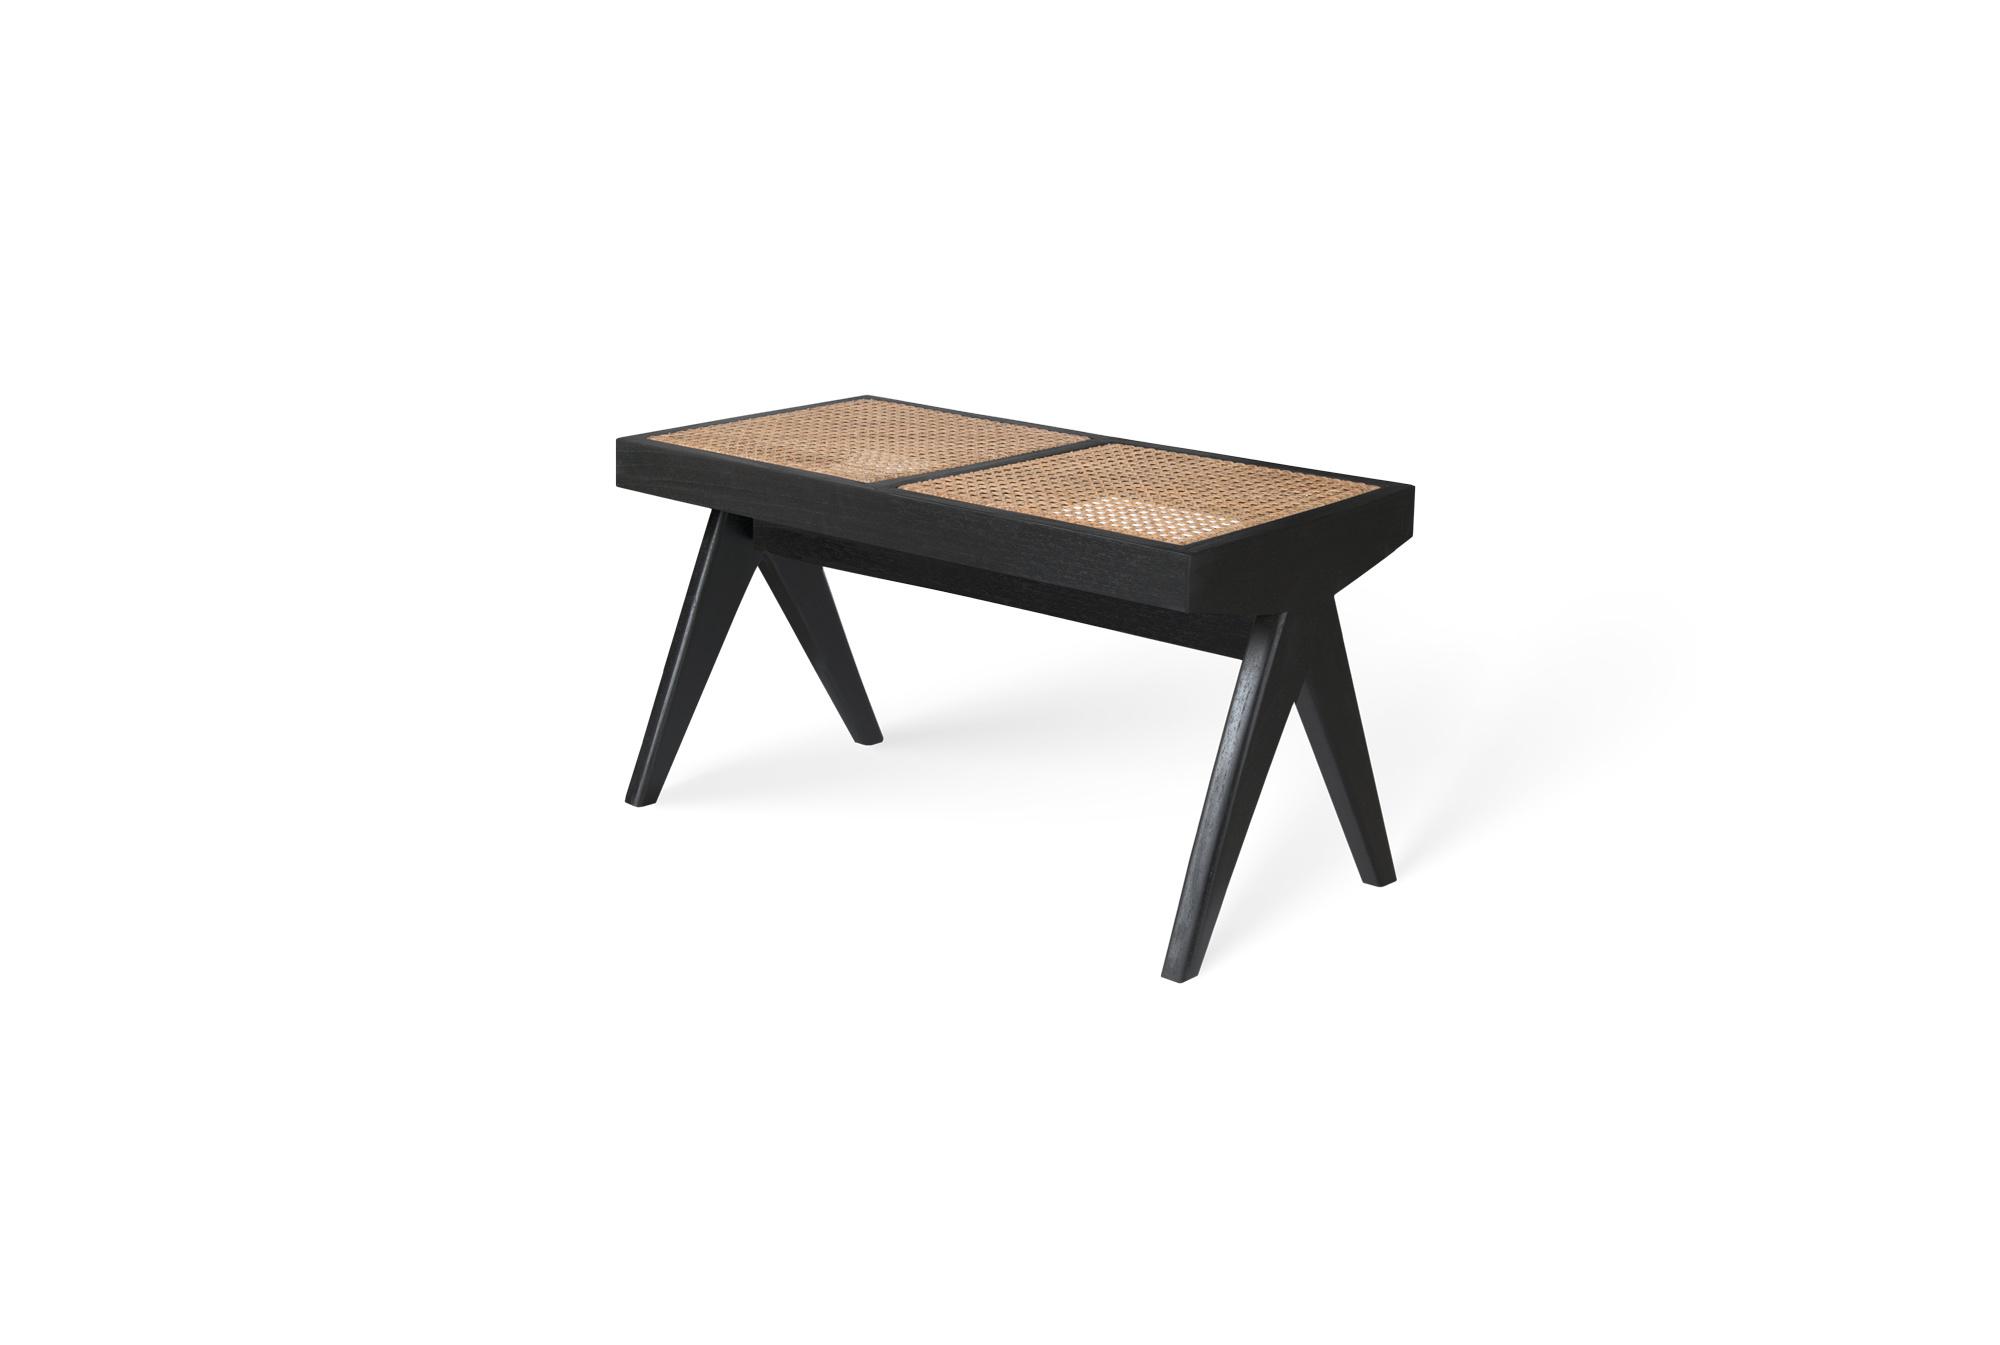 Bench / B.T.H. Flats 2 - Charcoal Black-1